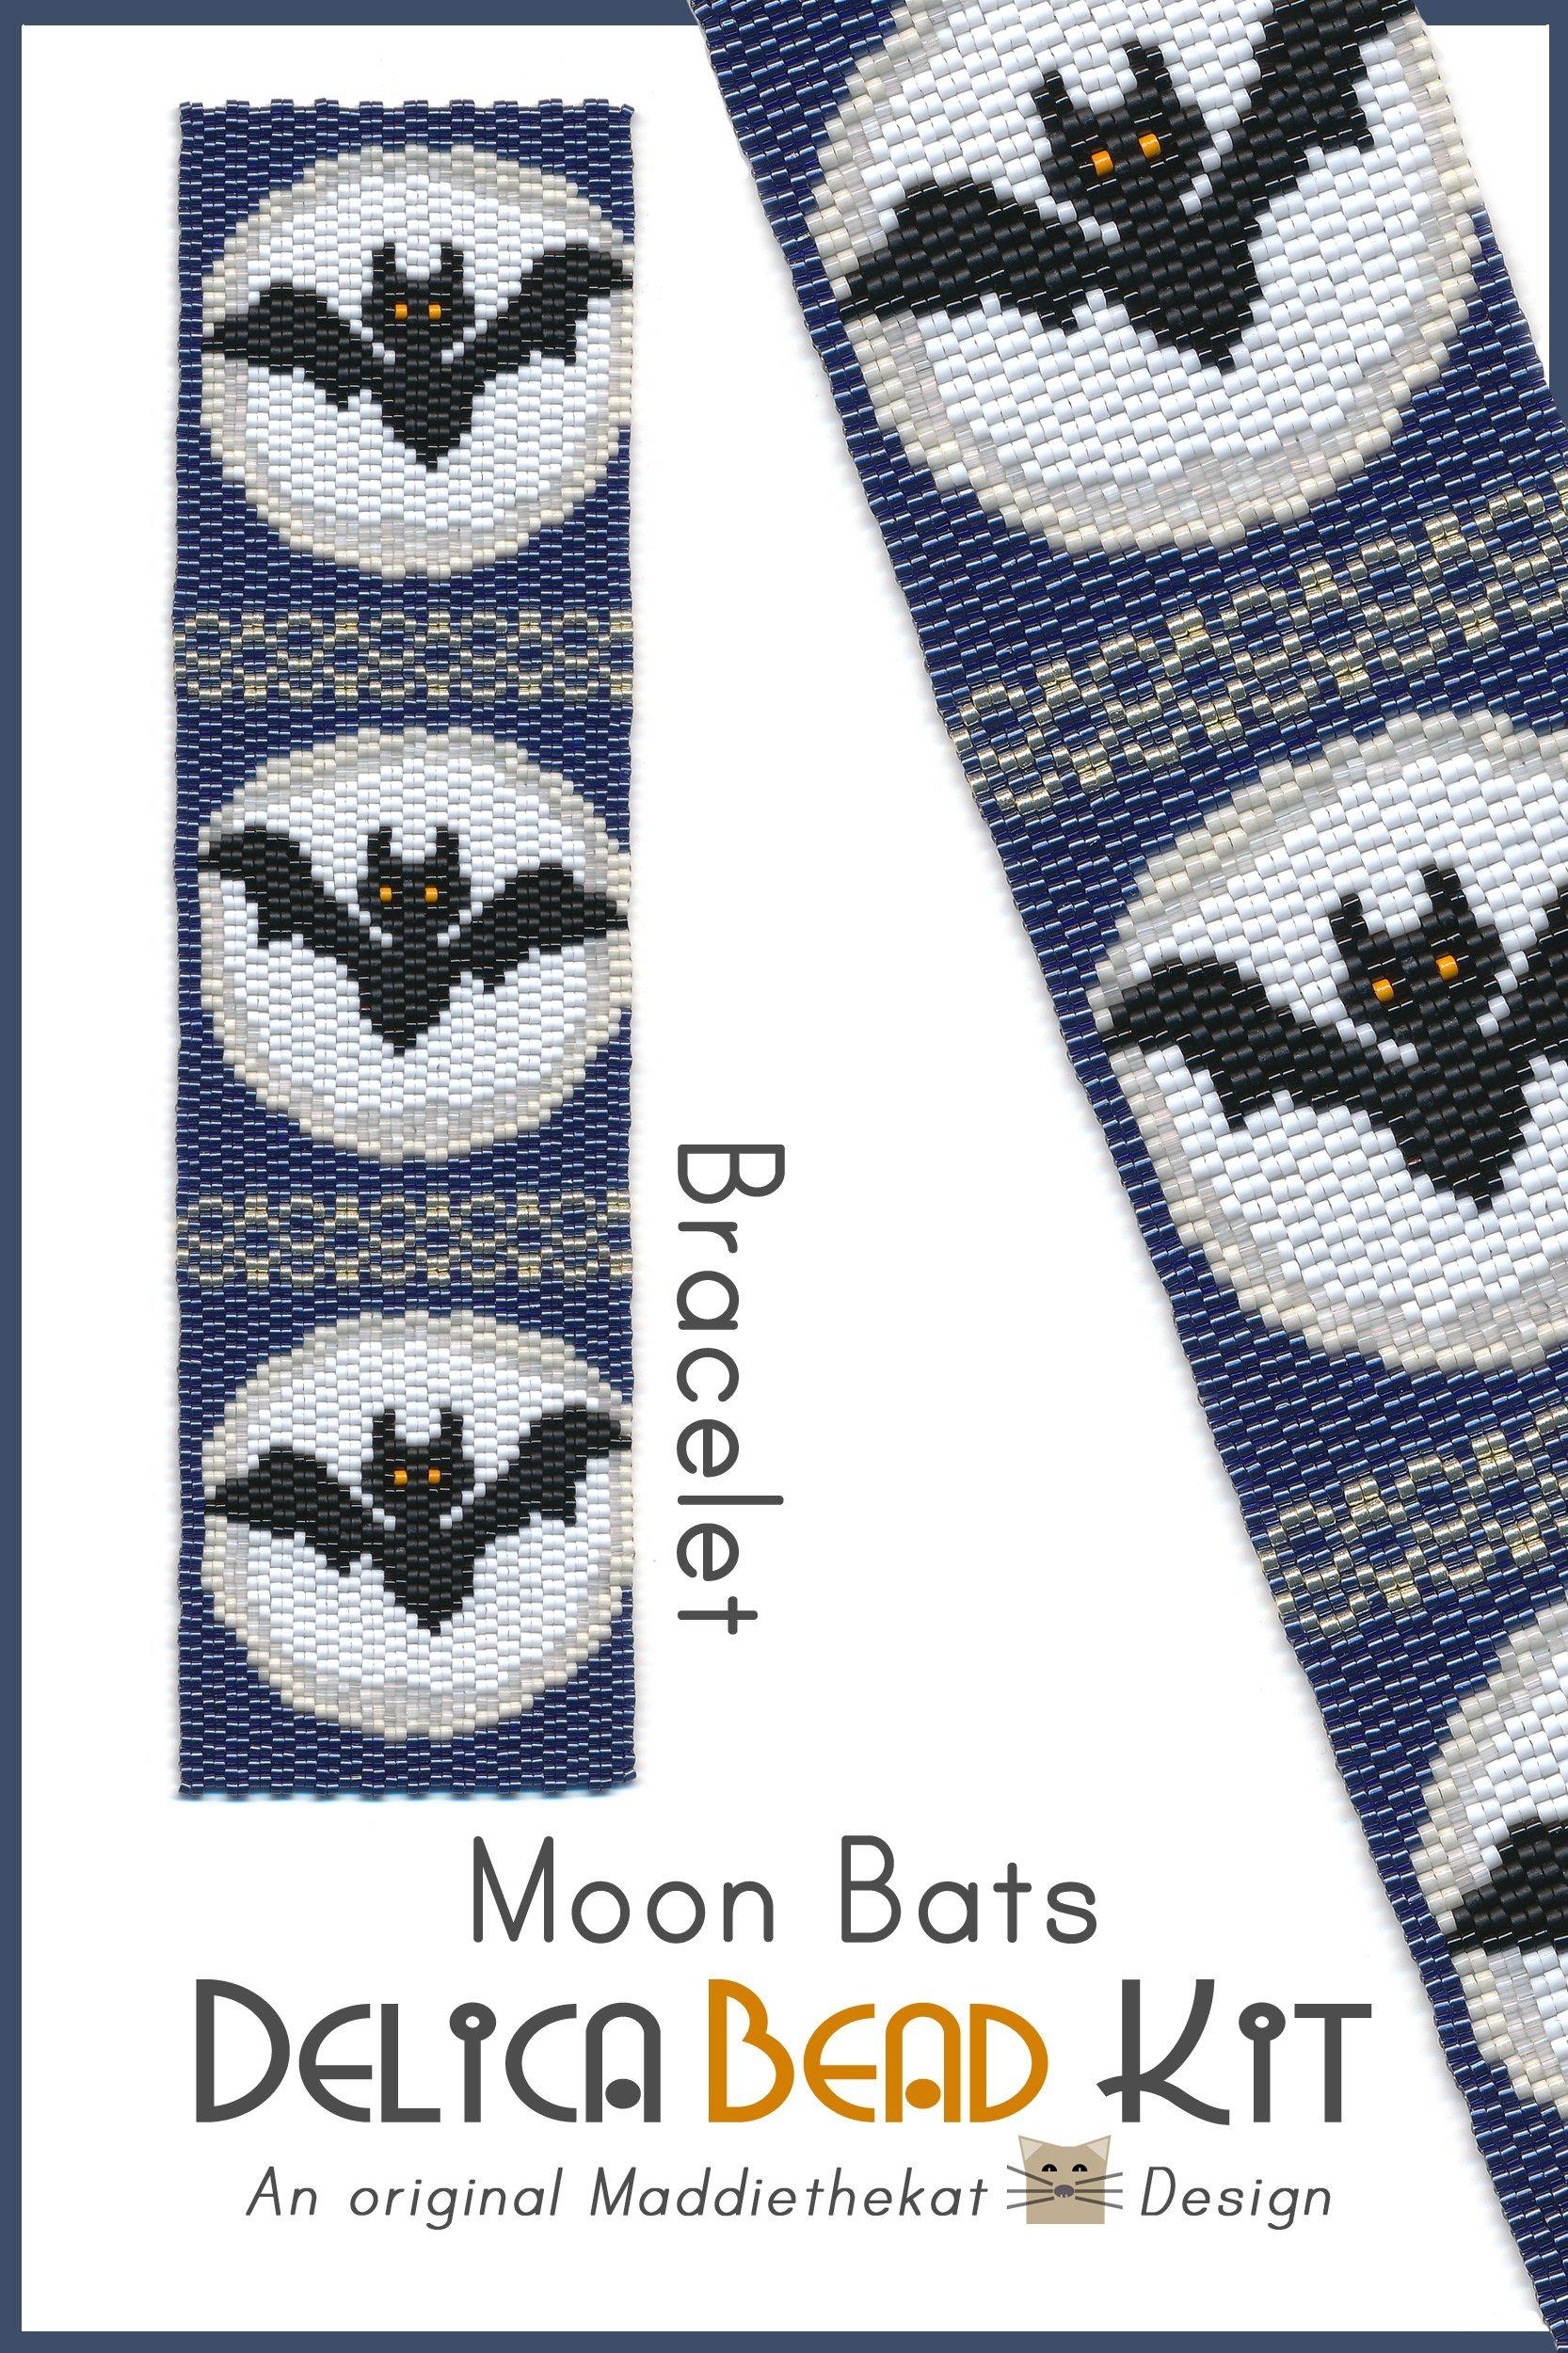 Moon Bats Wide Cuff Bracelet 2-Drop Peyote Bead Pattern or Bead Kit